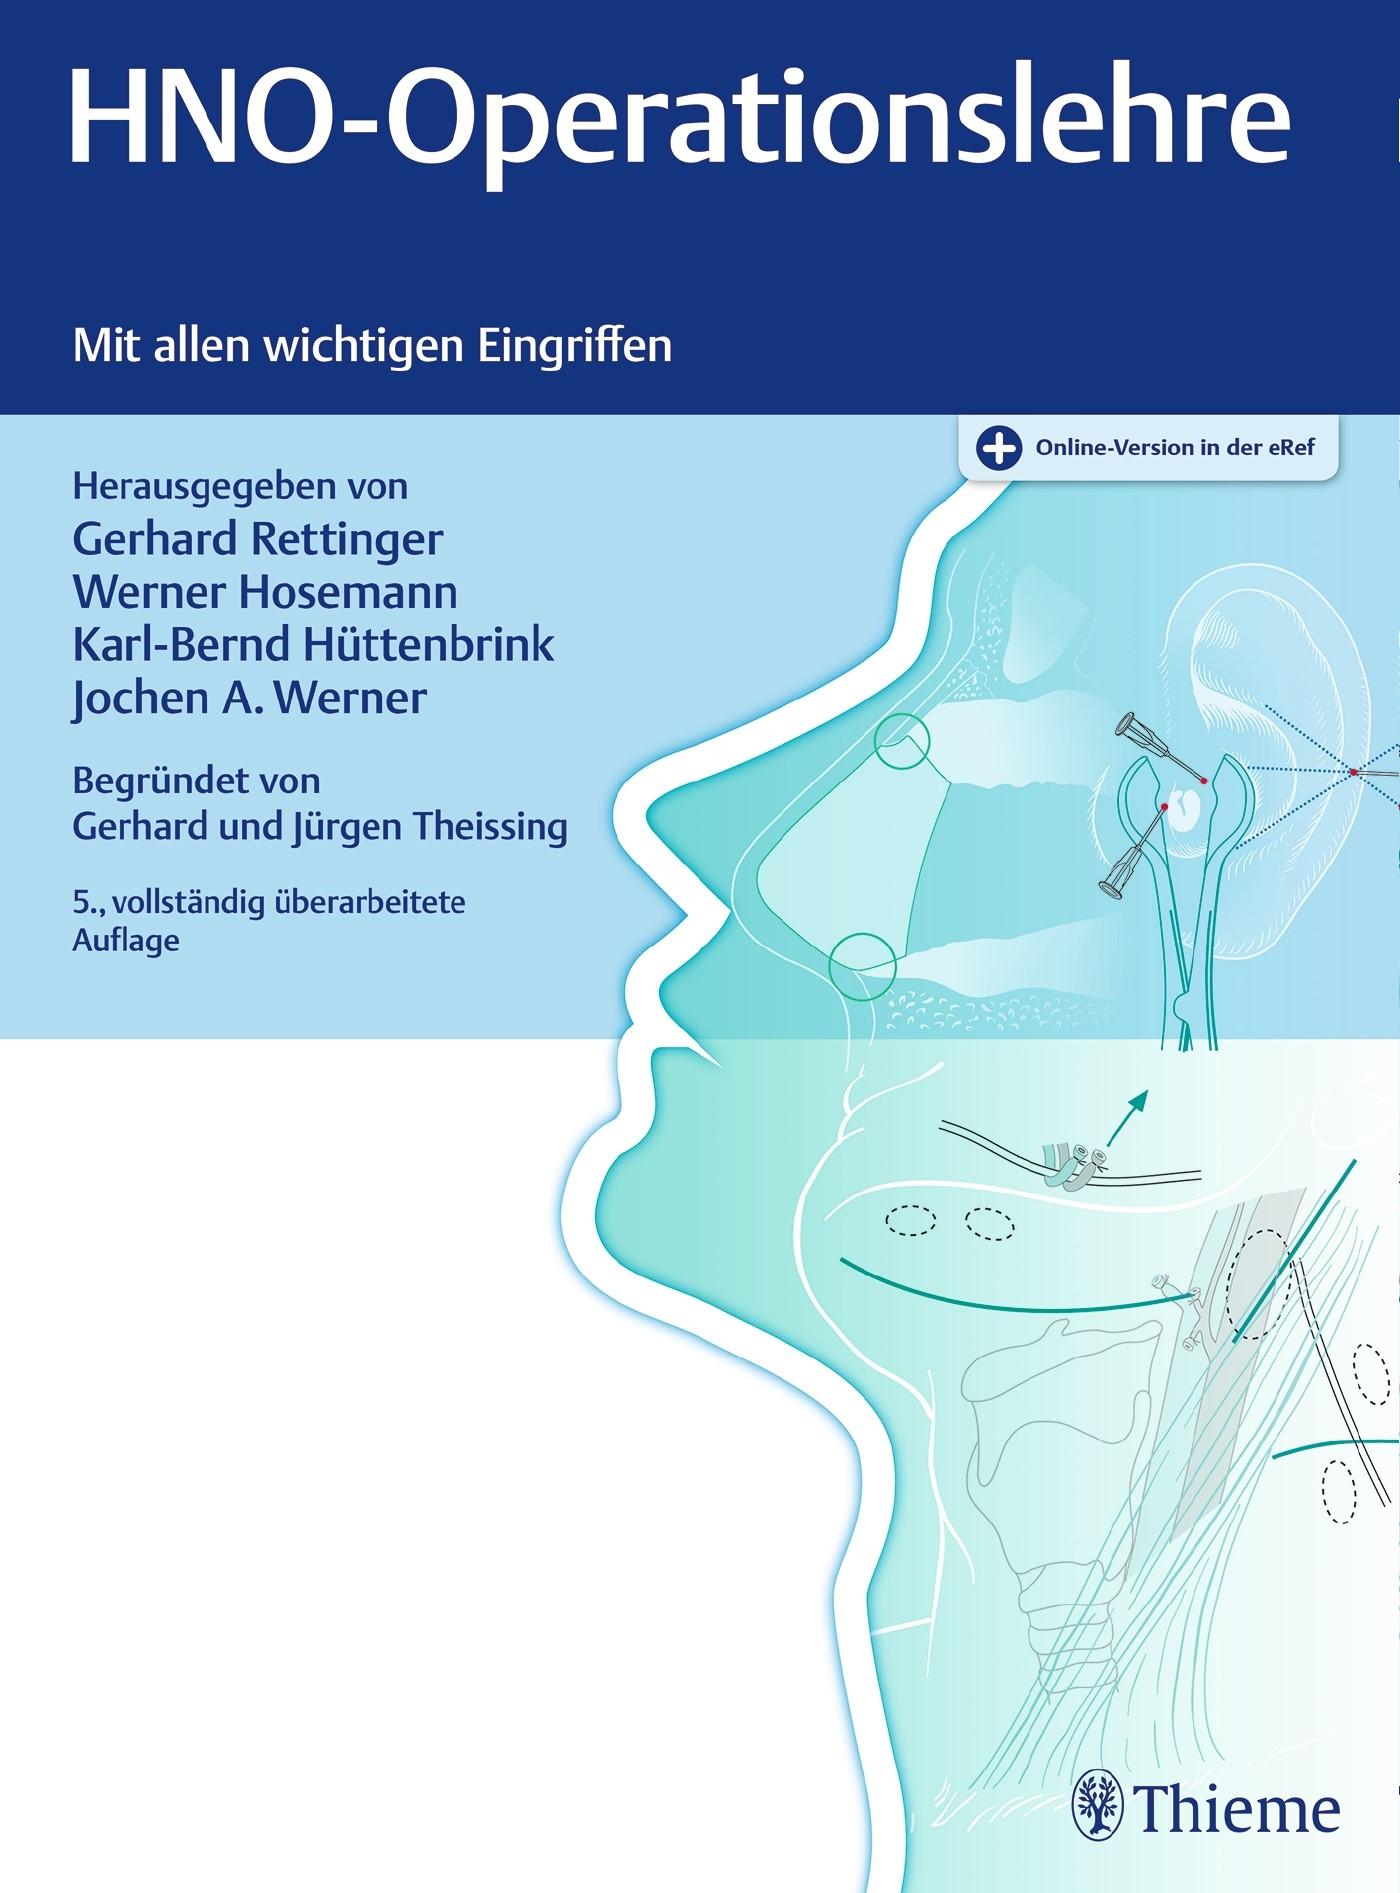 HNO-Operationslehre | Rettinger / Werner / Hosemann / Hüttenbrink (Hrsg.) | 5., vollständig überarbeitete Auflage., 2017 (Cover)